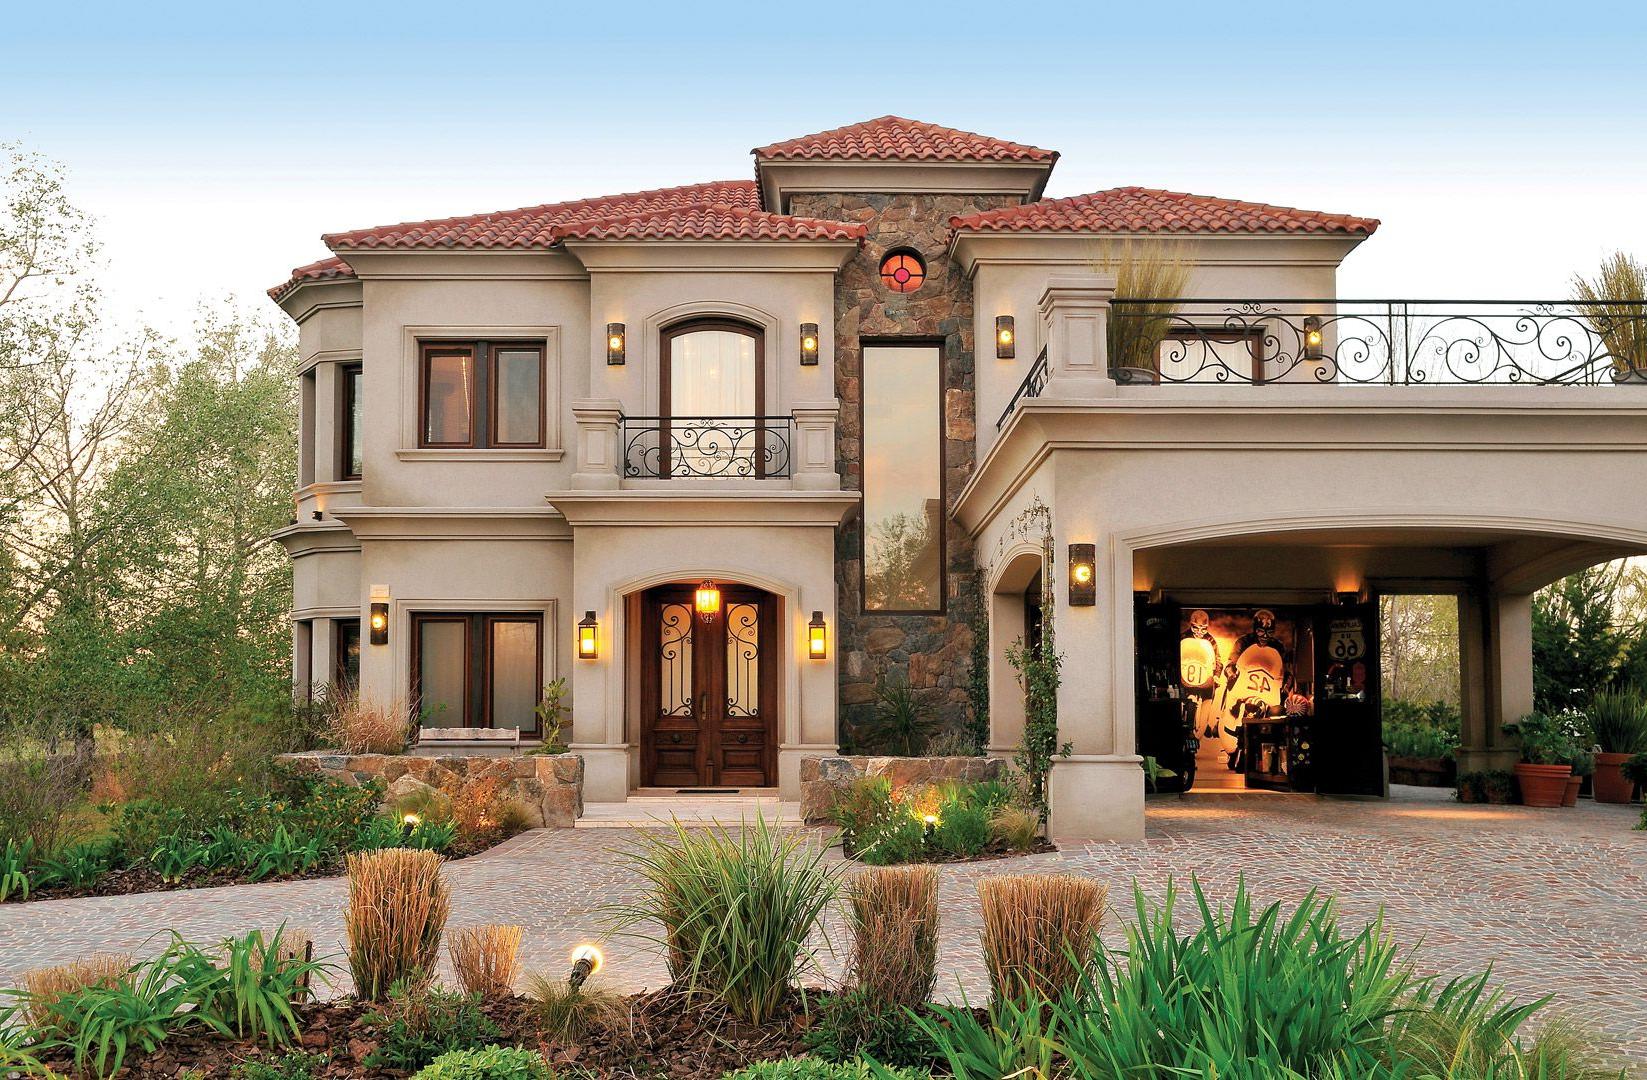 Grande maison moderne avec décoration de façade en pierre